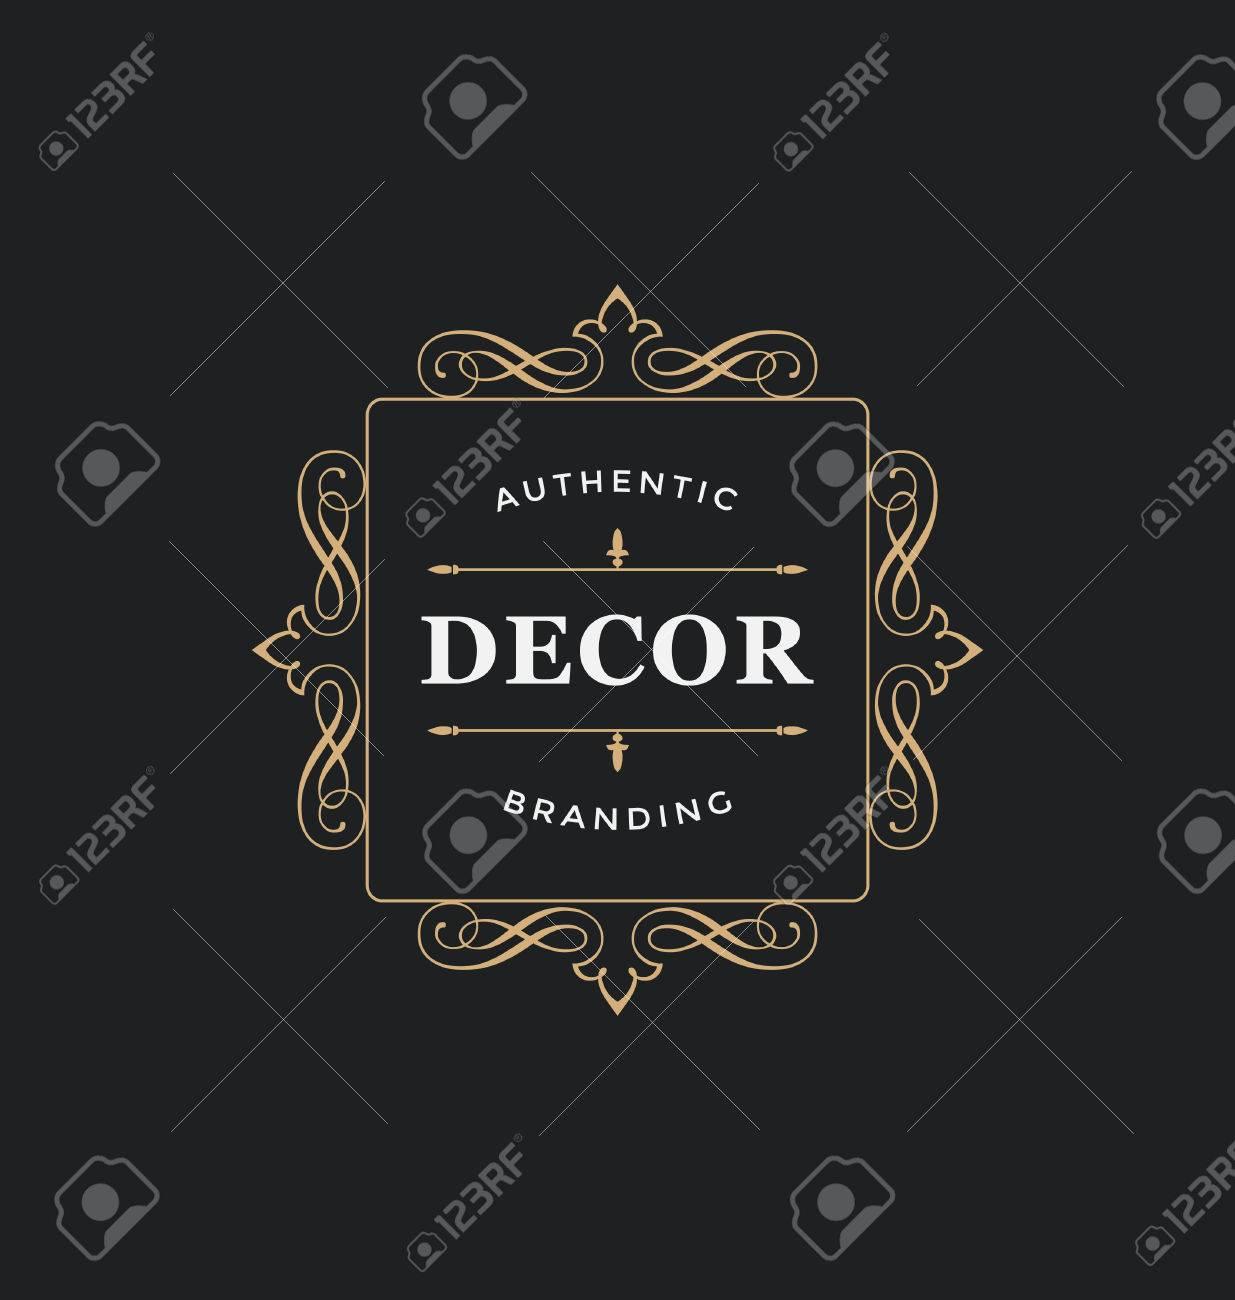 Calligraphic Label Design Template